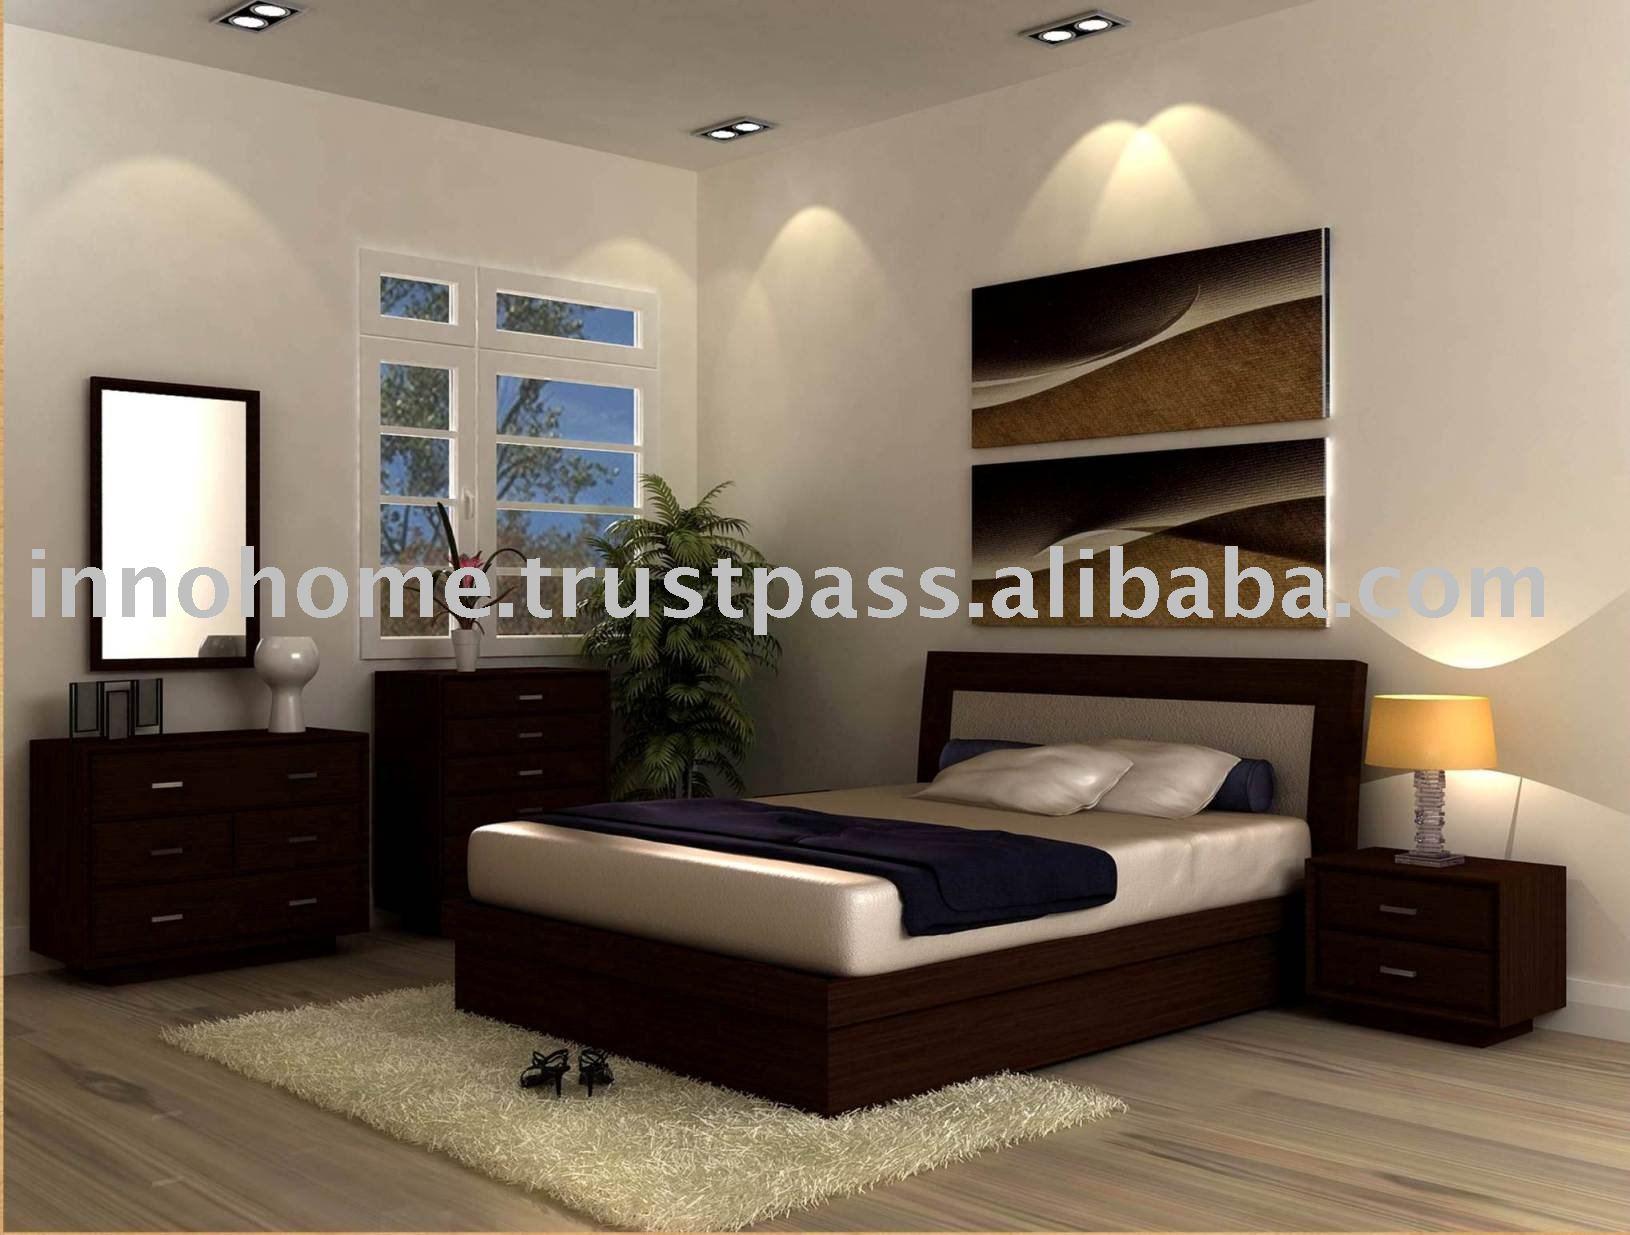 Meubles de chambre coucher en bois caoutchouc bois for Set de chambre a coucher